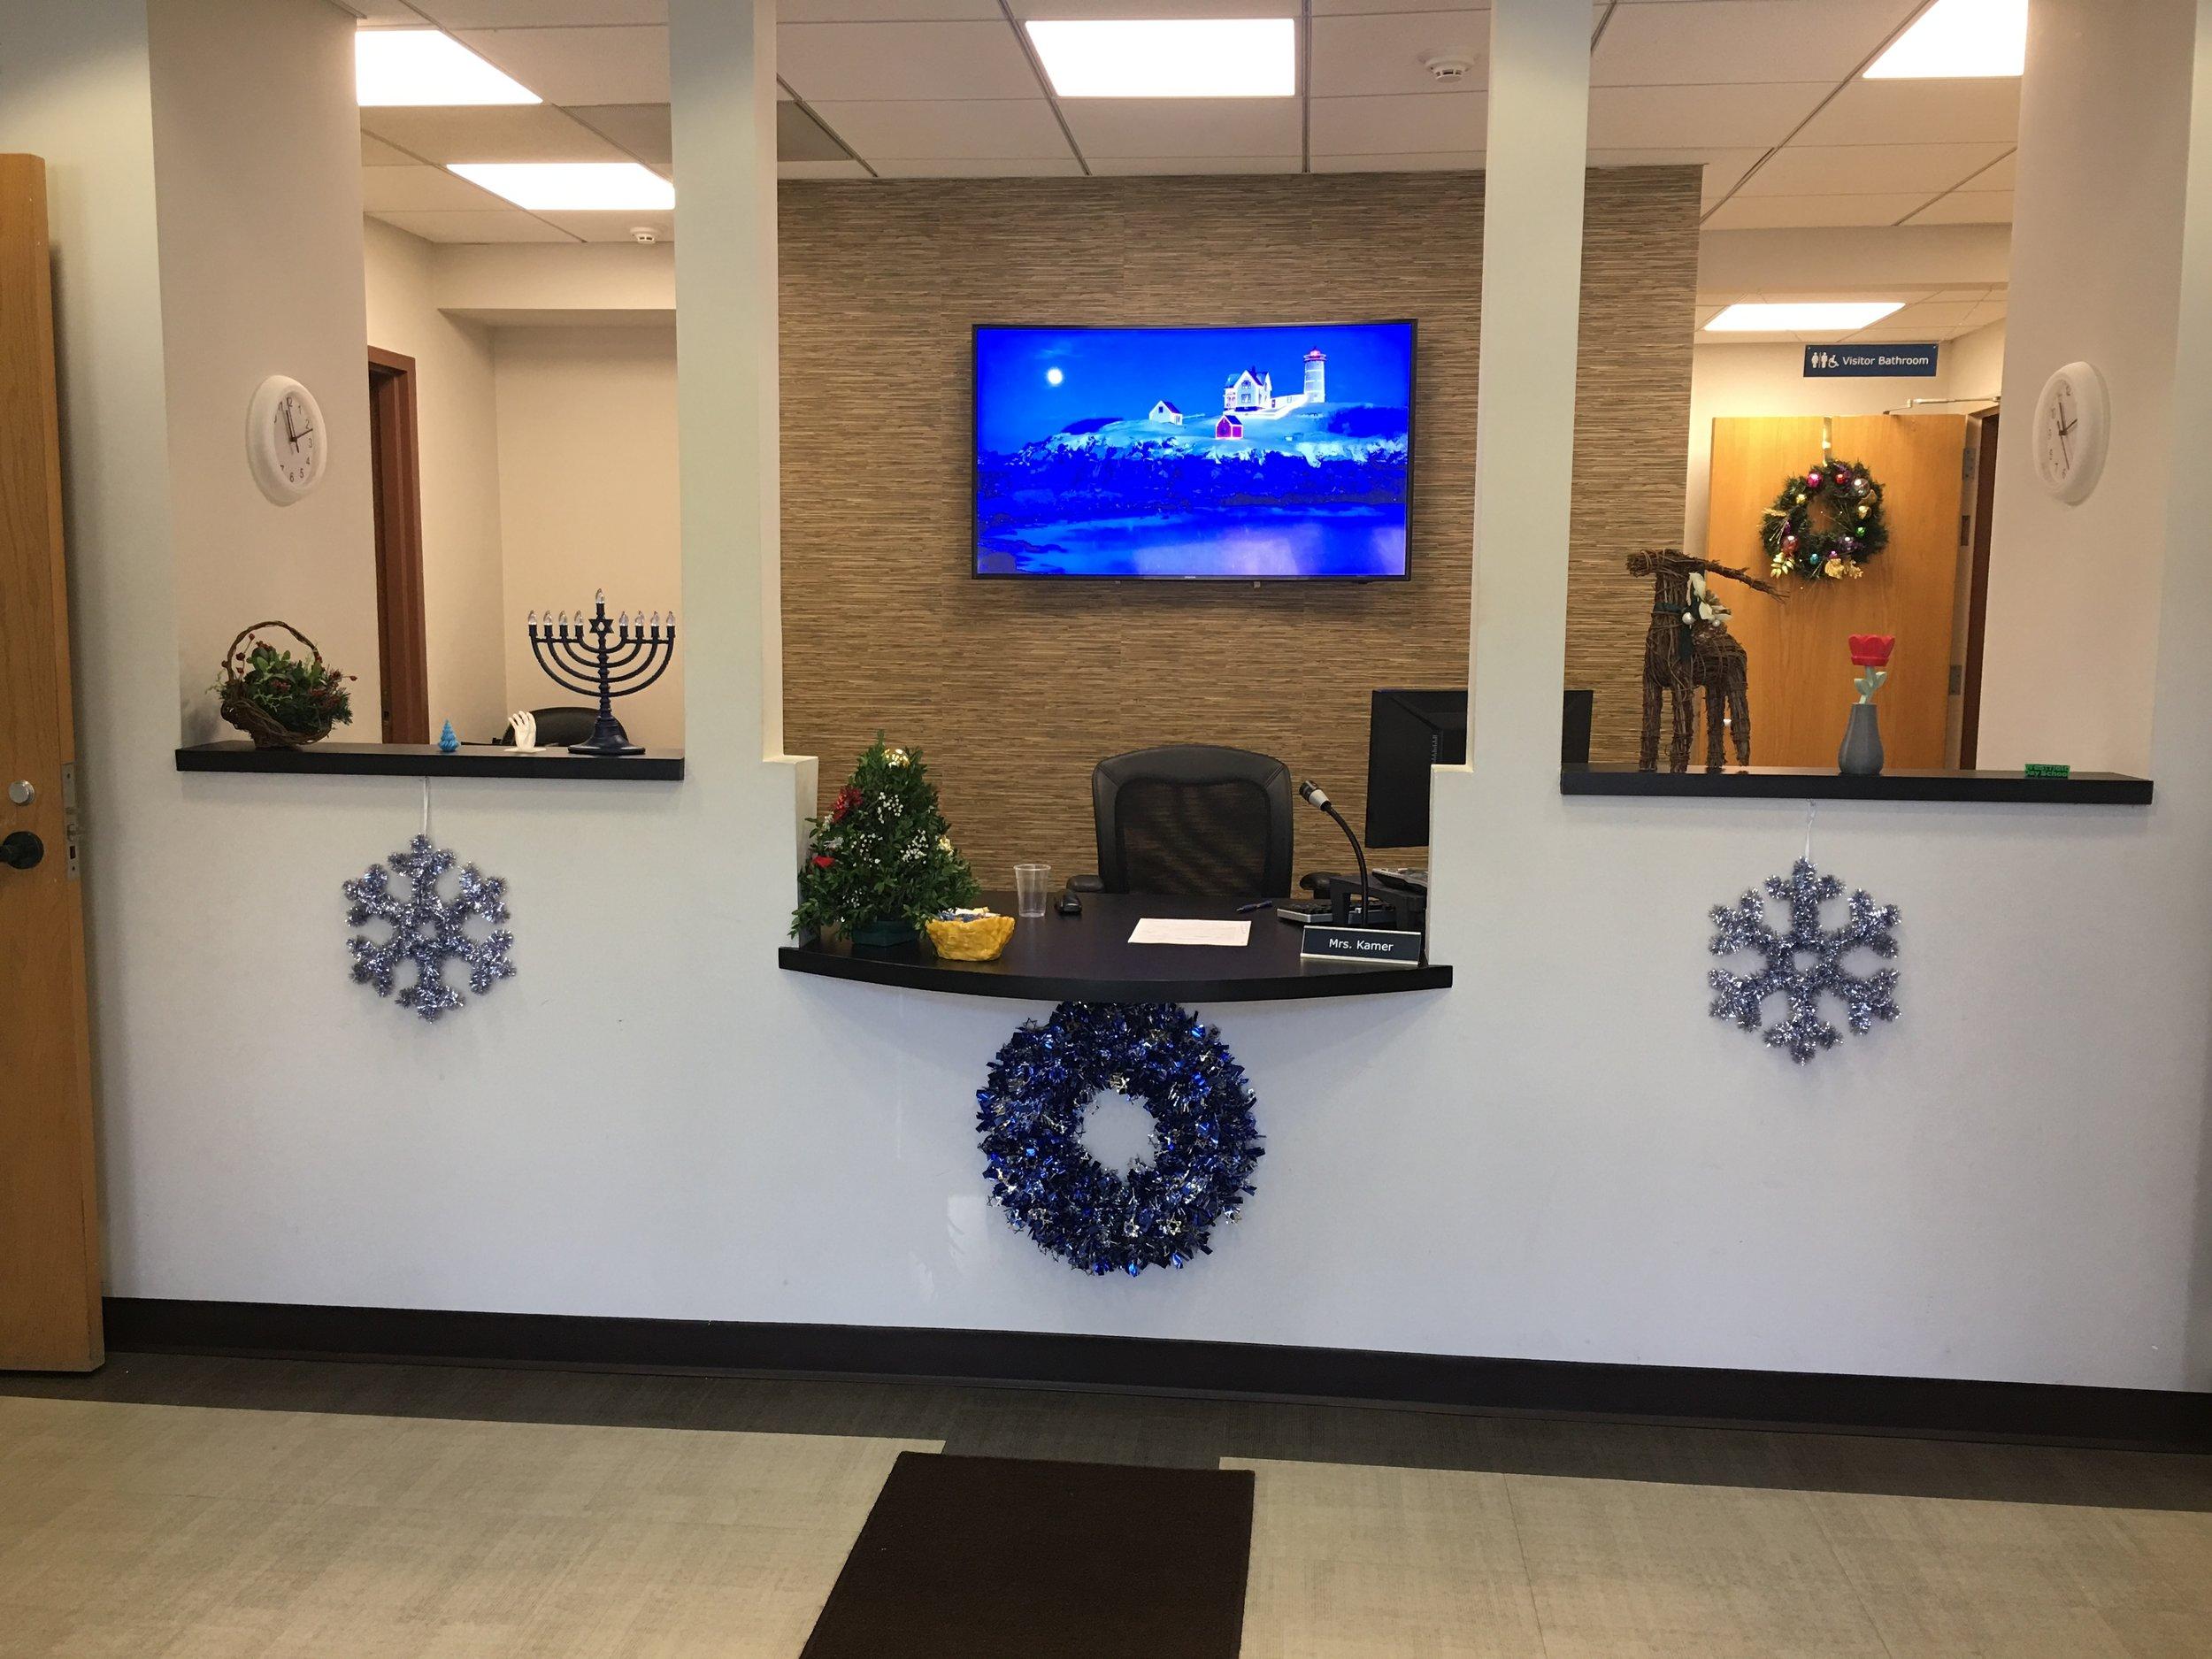 Westfield Day School's welcoming reception desk. Photo by Ilene B. Miller